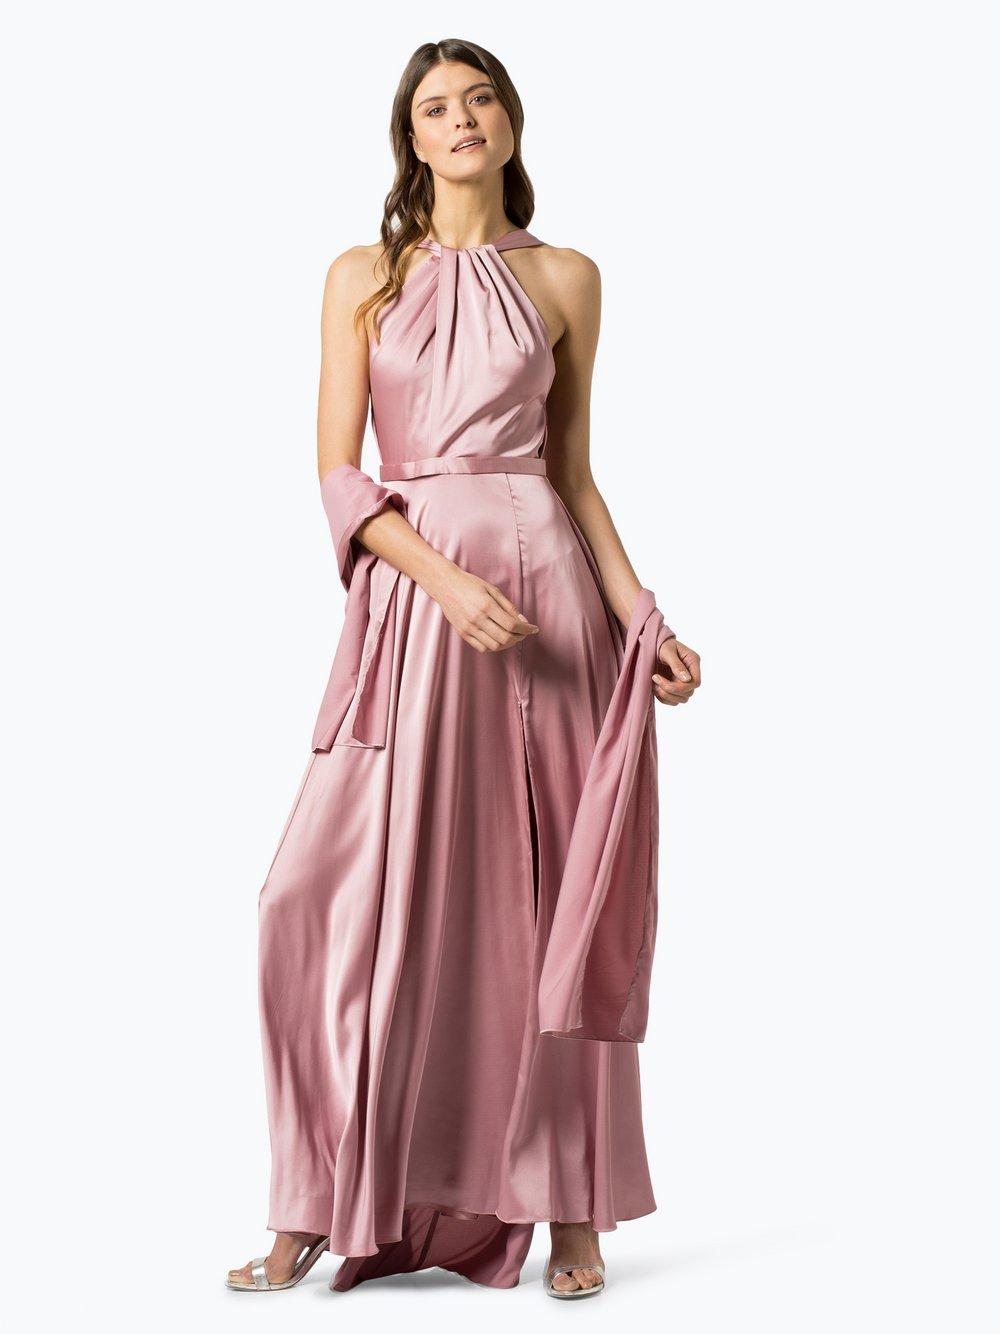 Unique – Damska sukienka wieczorowa z etolą, różowy Van Graaf 432616-0002-00380